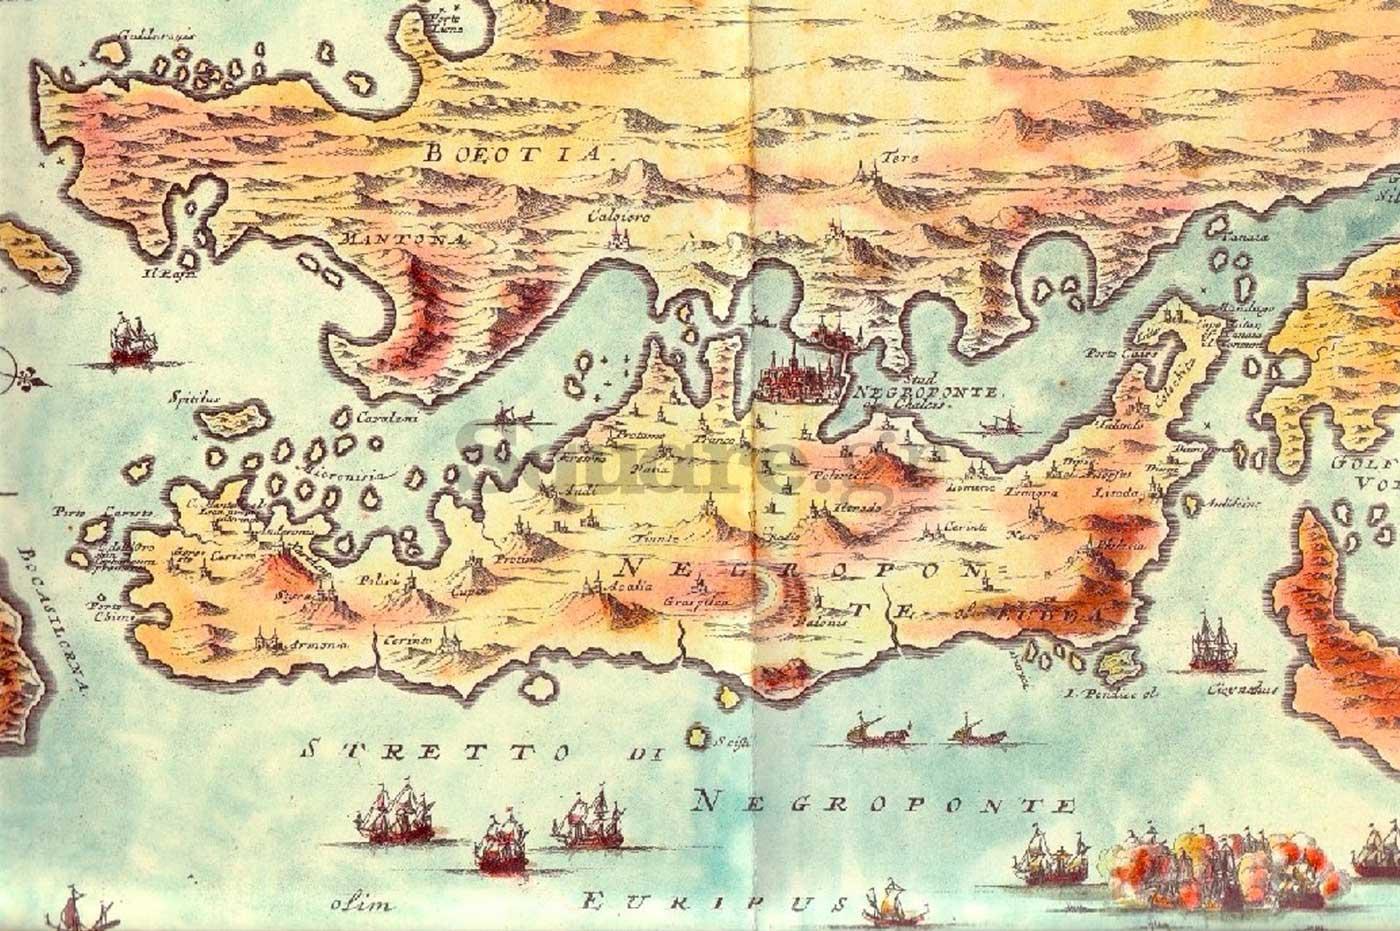 1--Το-νησί-της-Εύβοιας-(Negroponte)-Σχέδιο-από-το-έργο-του-Marco-Boschini-L-Archipelago-con-tutte-le-isole-1654-Χαρακτικά-της-Εύβοιας